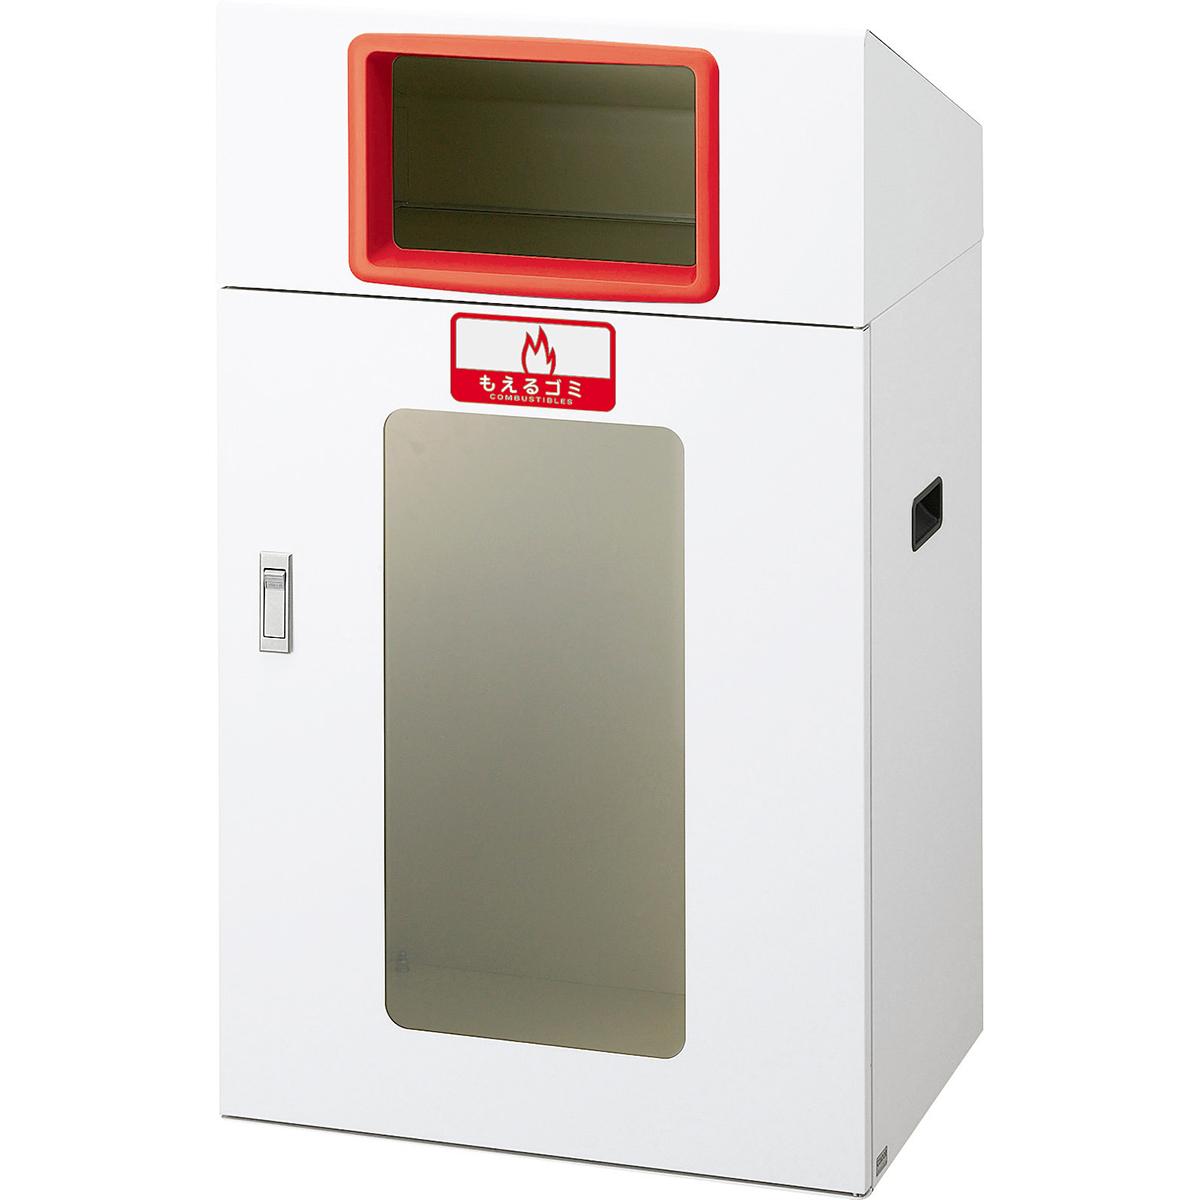 山崎産業 リサイクルボックス YOS-90 120L もえるゴミ/R(赤) (代引不可) YW-349L-ID